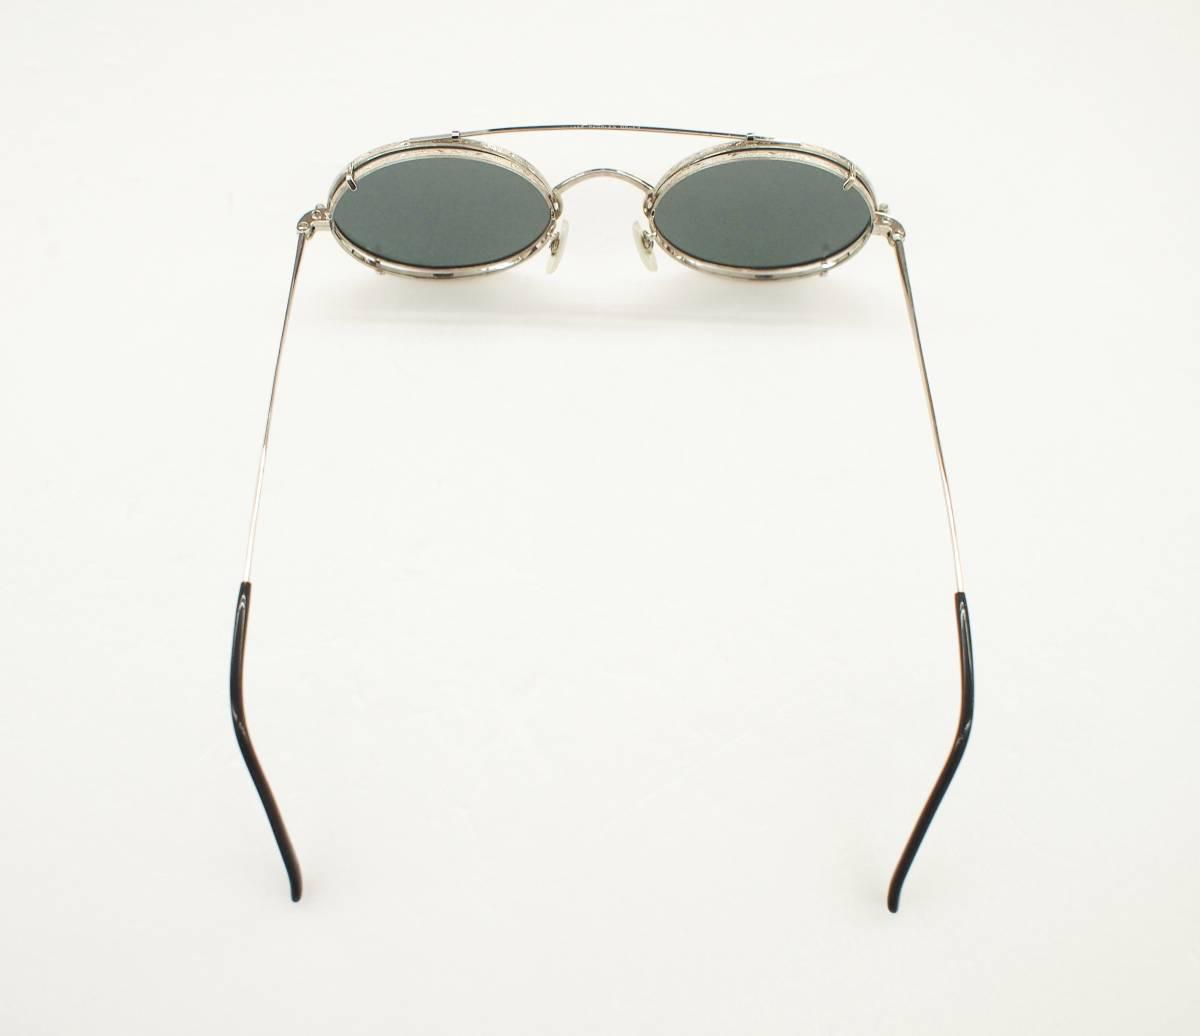 クリップオン付き OLIVER PEOPLES オリバーピープルズ OP-67 S 眼鏡 サングラス_画像6